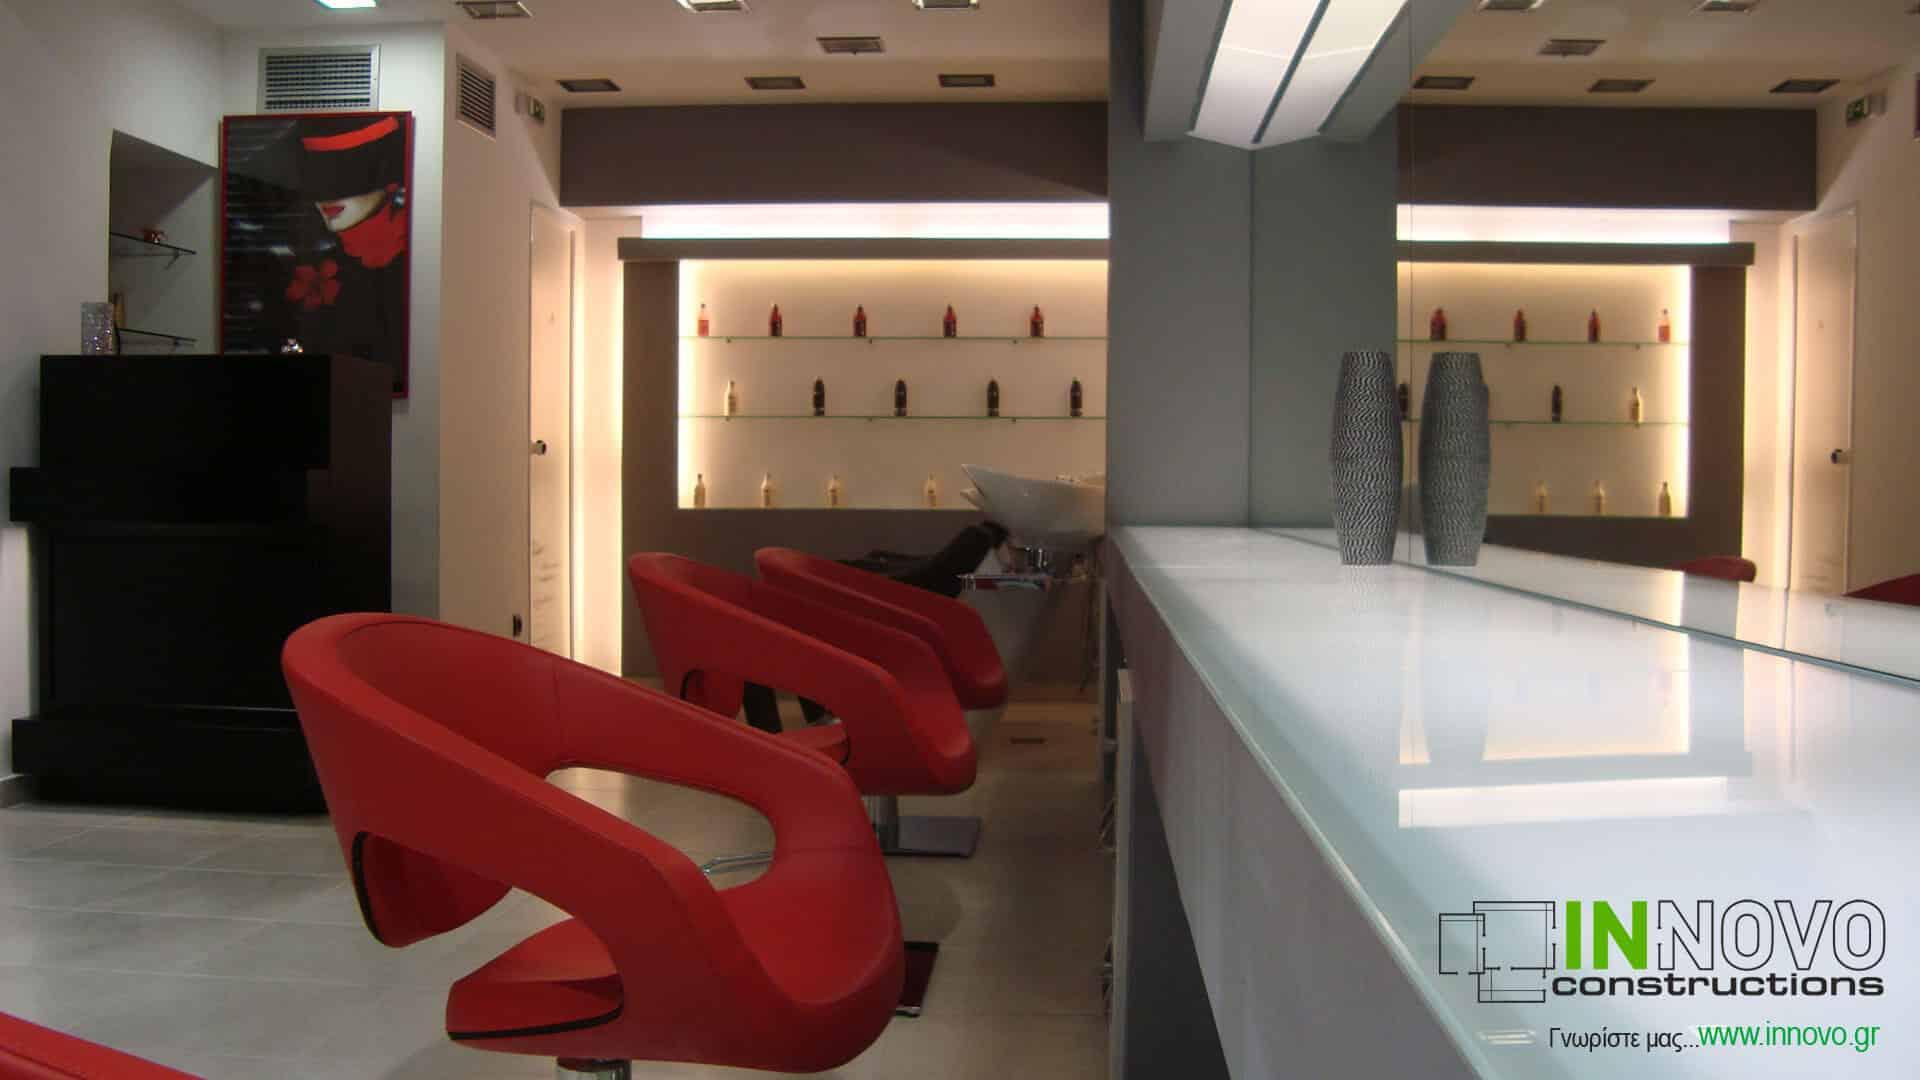 diakosmisi-kommotiriou-hairdressers-design-kommotirio-nafplio-1071-17